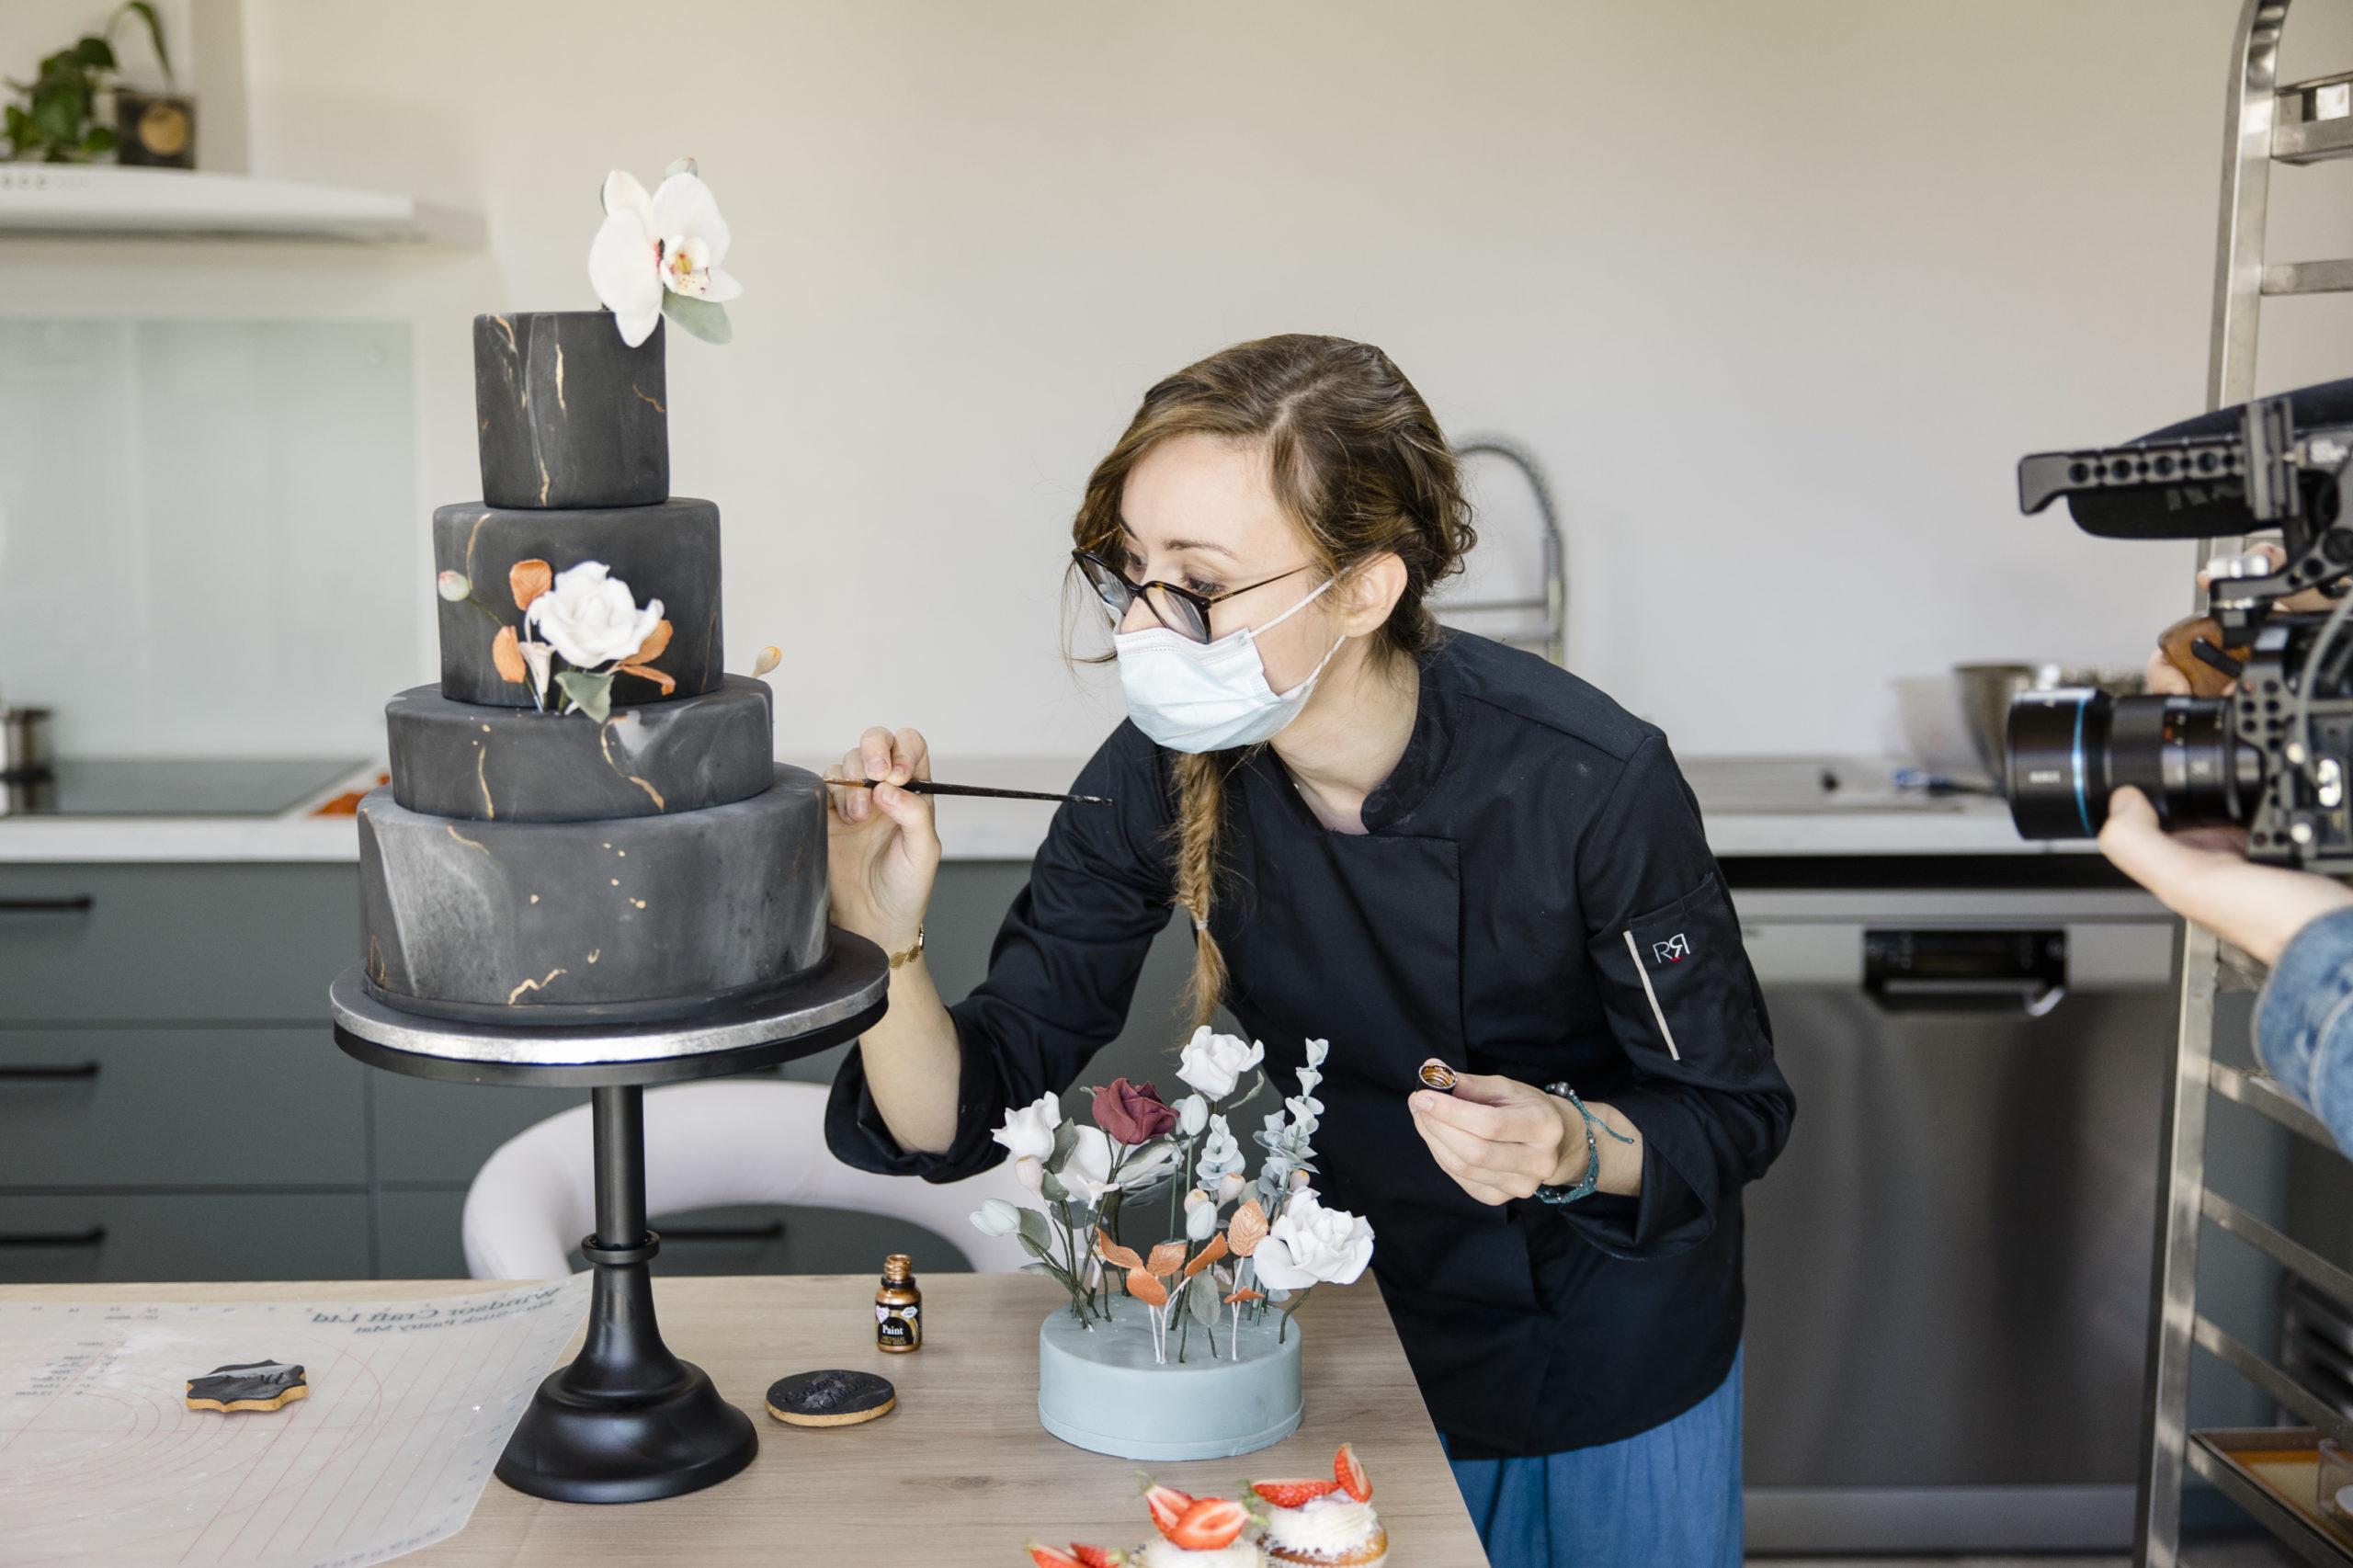 cake designer gateau mariage wedding cake nantes angers Bretagne vendee